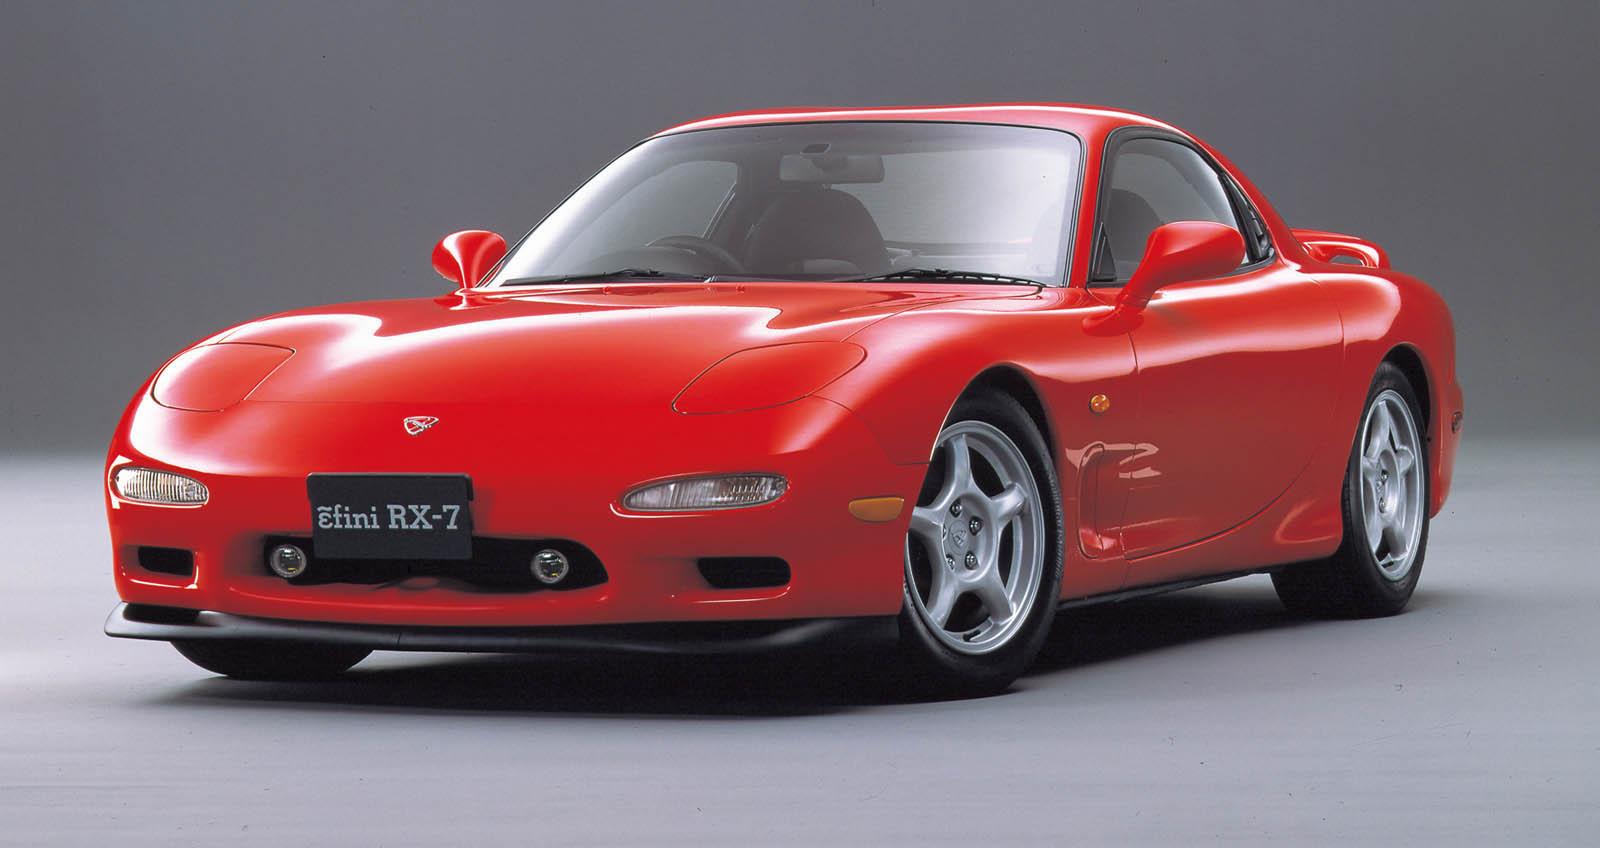 Mazda-50-years-of-rotary-p32_03